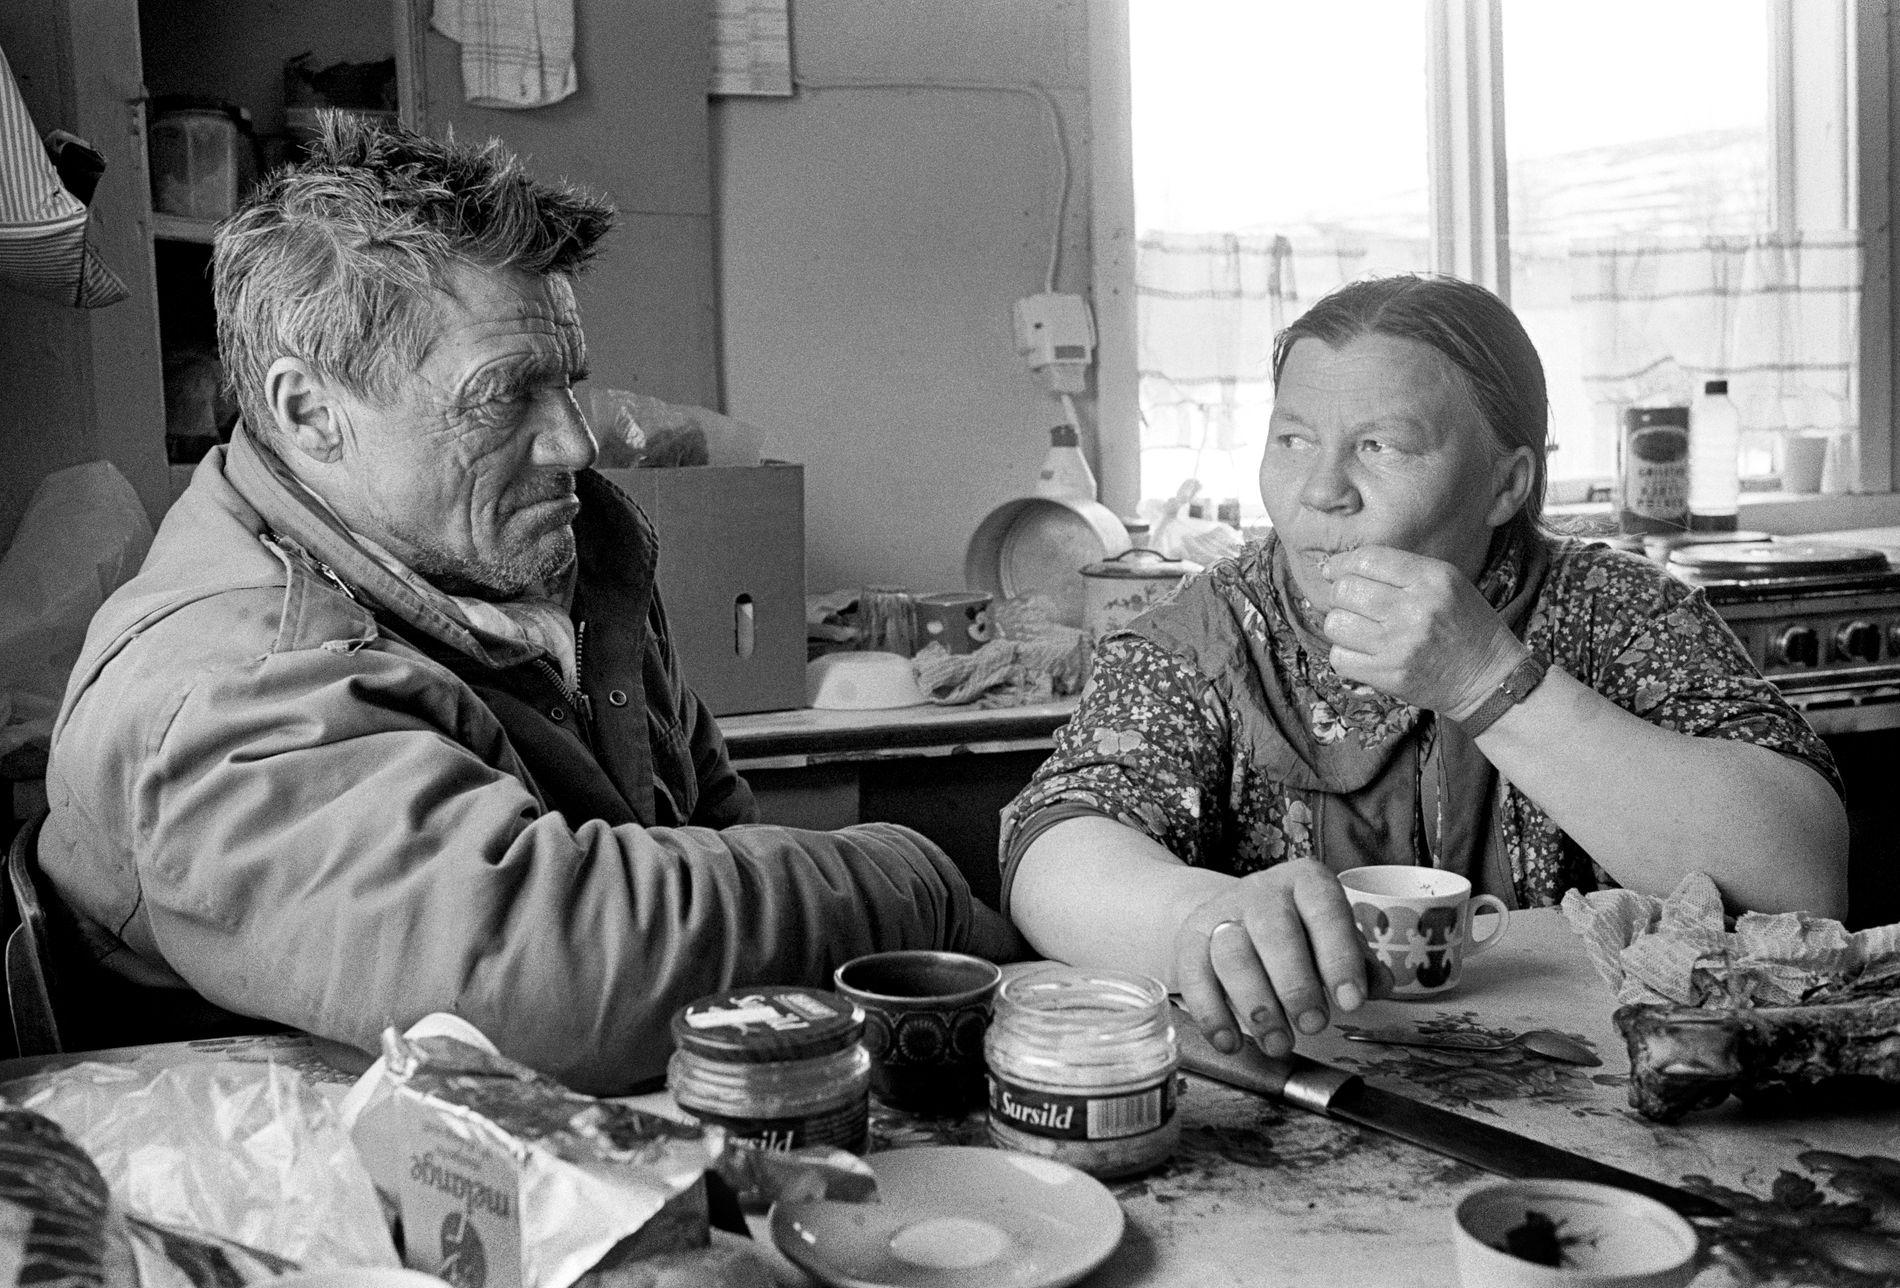 KULTURBERARAR: Karen og Mathis Somby var reindriftsamar i indre Finnmark, og dei har ikkje opplevd like sterk fornorsking som samane ved kysten. Om sommaren flytta dei reinen dit, slik dei bidrog til at kystsamane klarte å helde på språket sitt.